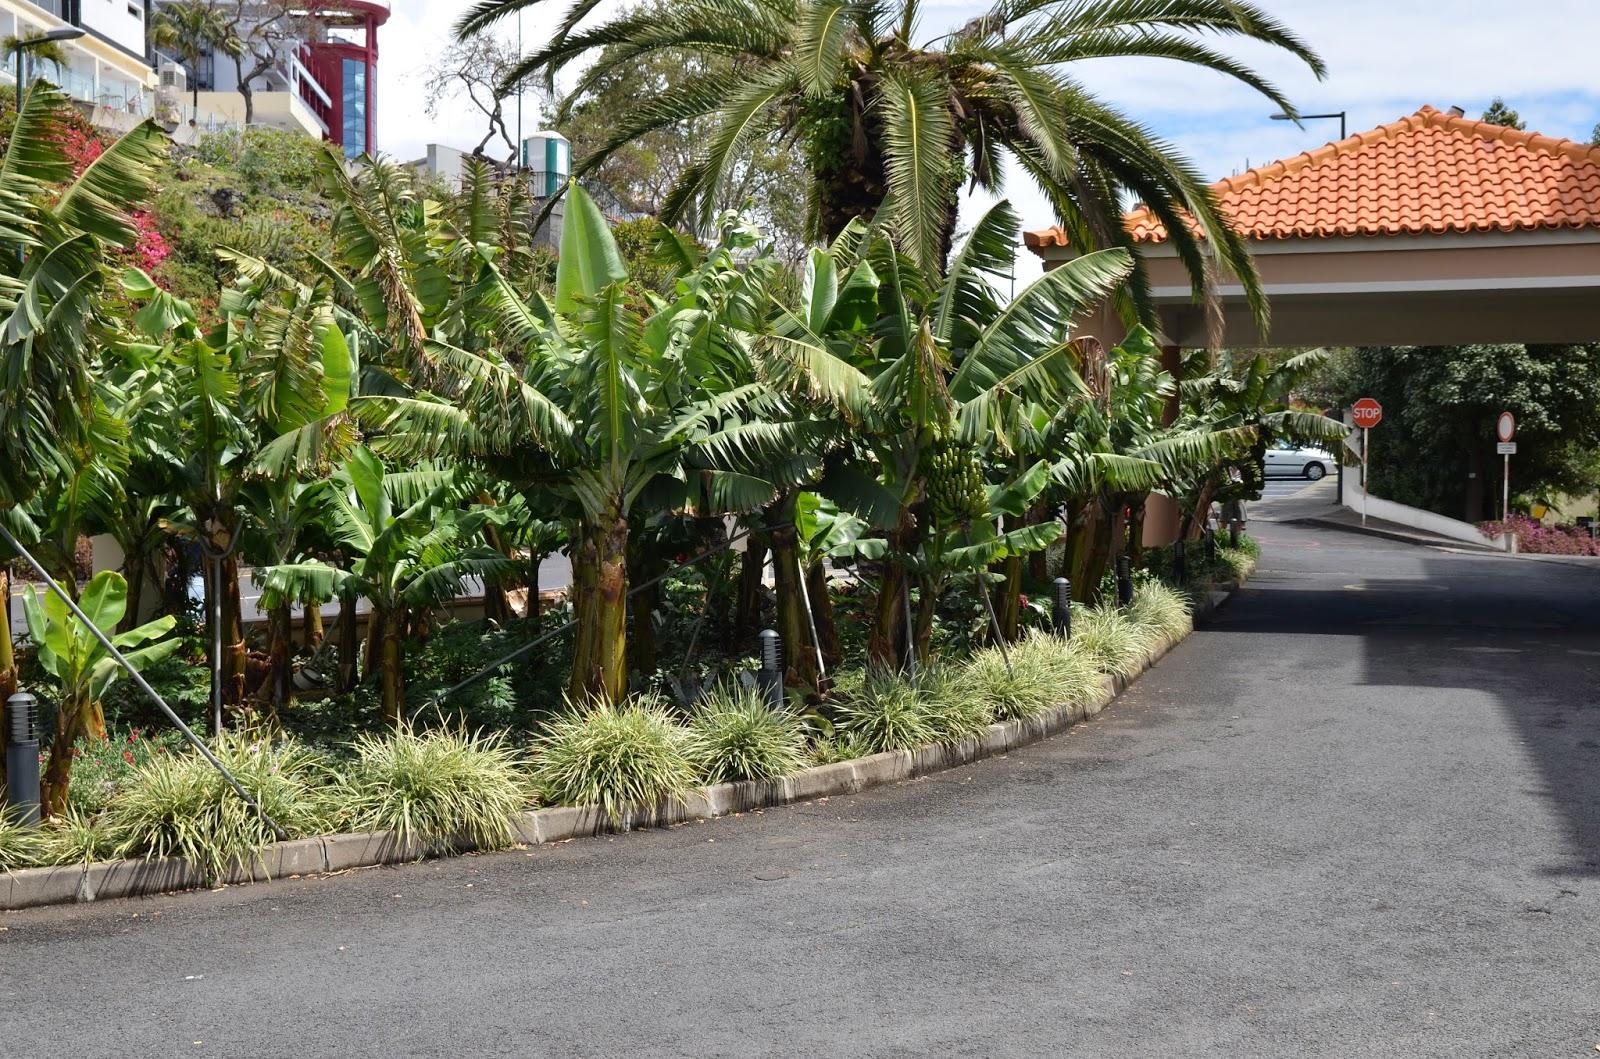 mellom palmer og bananer